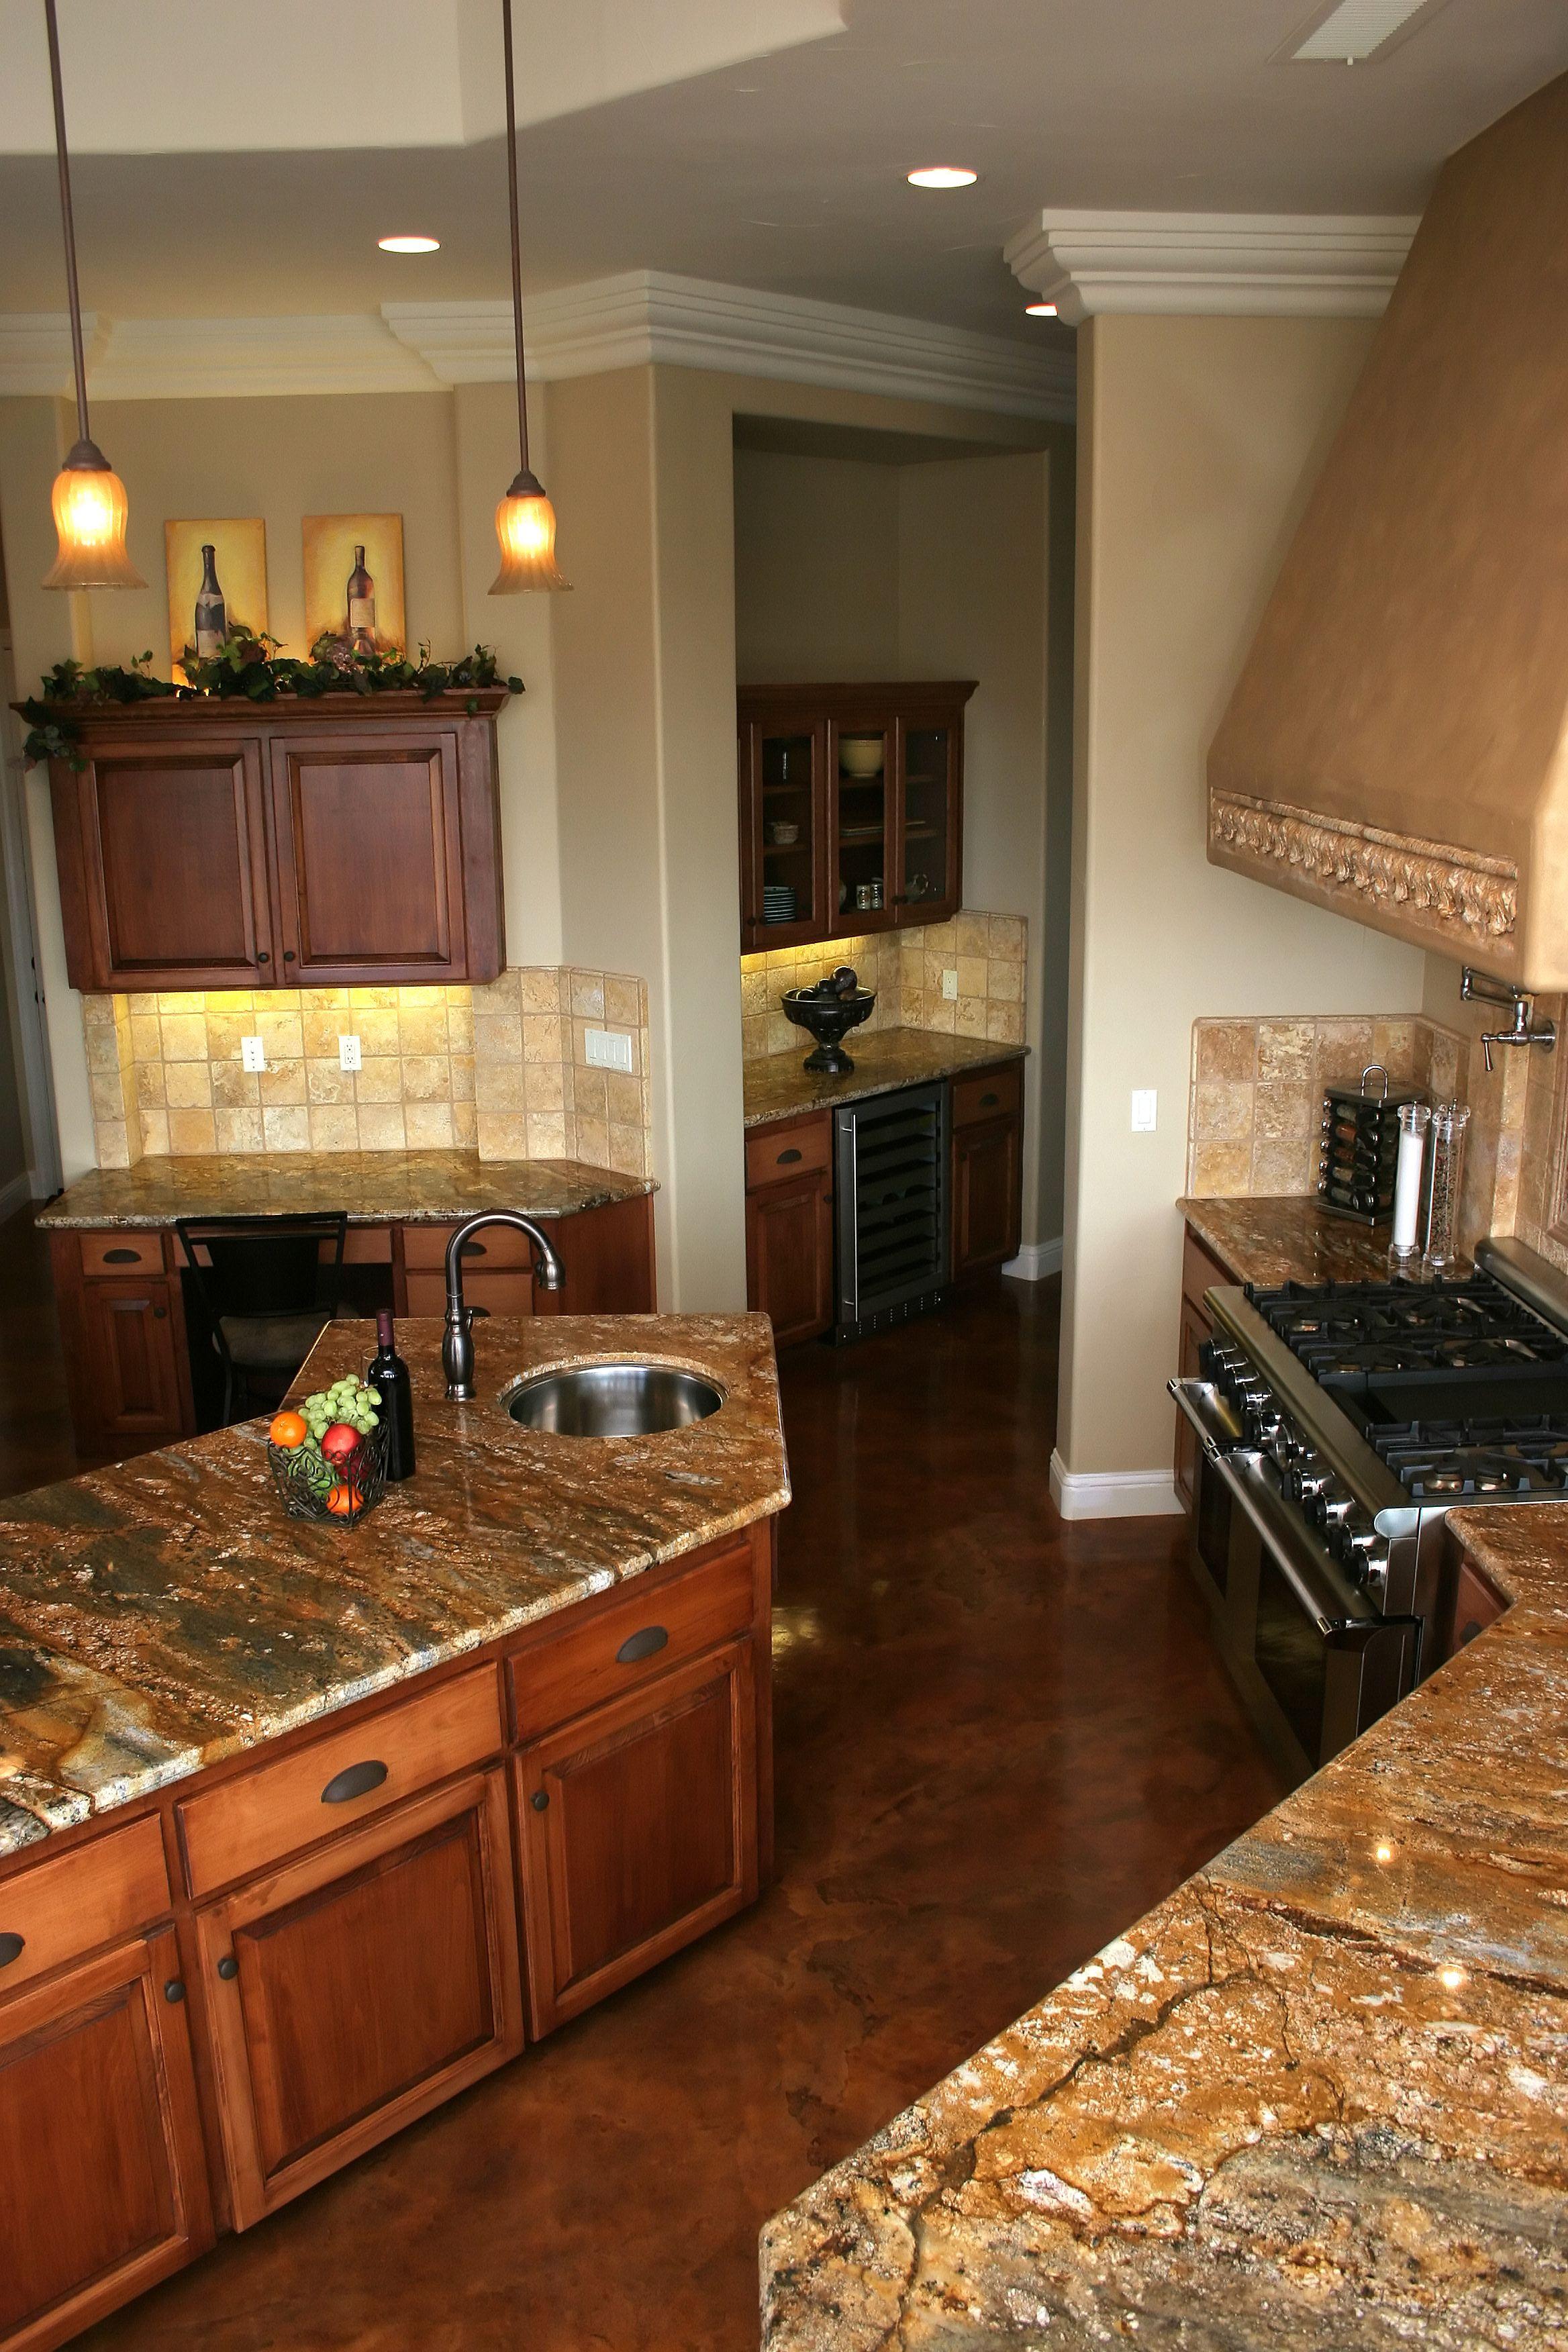 Dreamstime Kuche Renovieren Mit Granit Arbeitsplatten Umbau Madison Wi Sims Aussenbereich Und Ist Das Neue Normal Badezimmer Eitelkeit Home Decor Decor Kitchen